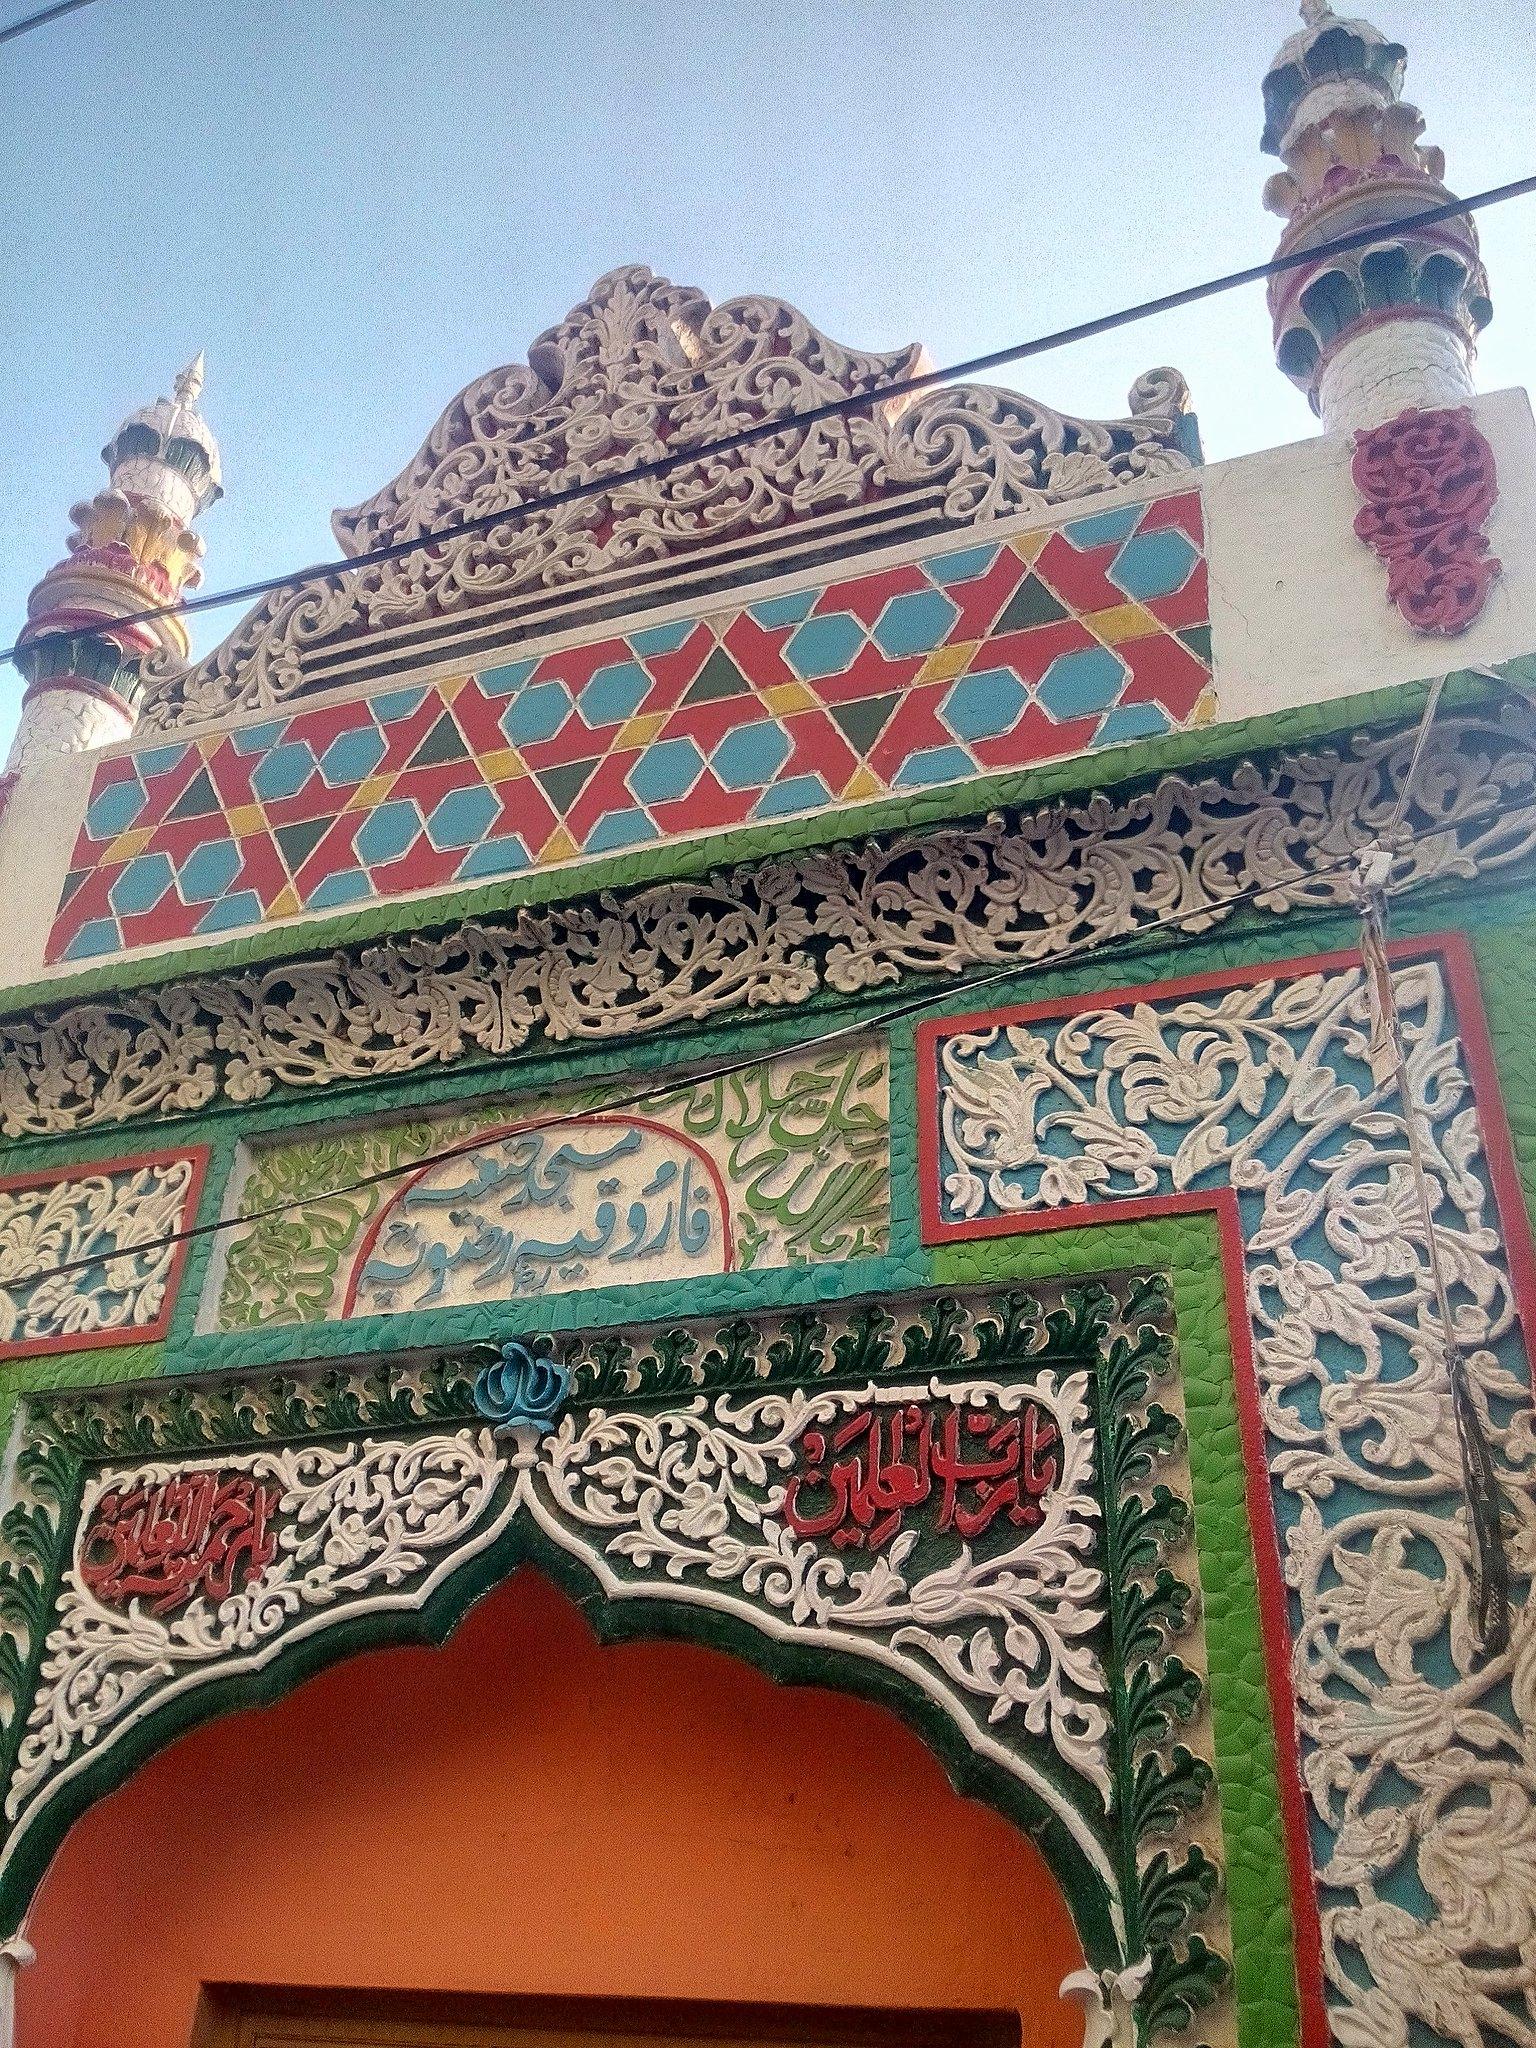 Masjid Hanafia